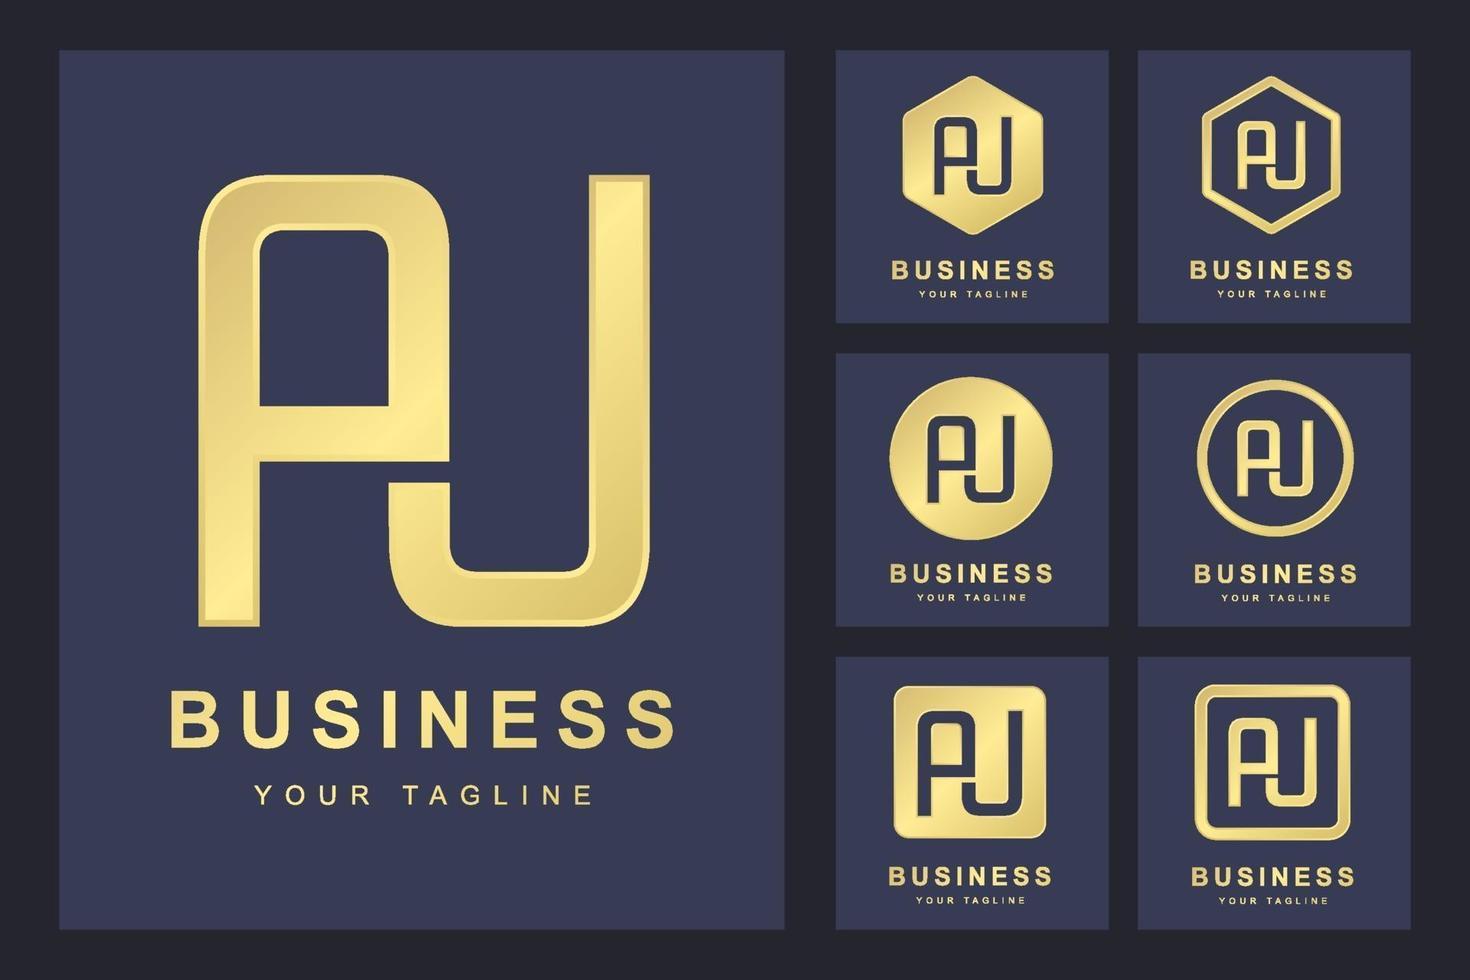 uppsättning abstrakt första bokstaven au, gyllene logotyp mall. logotyp för företag, personlig, organisation. vektor